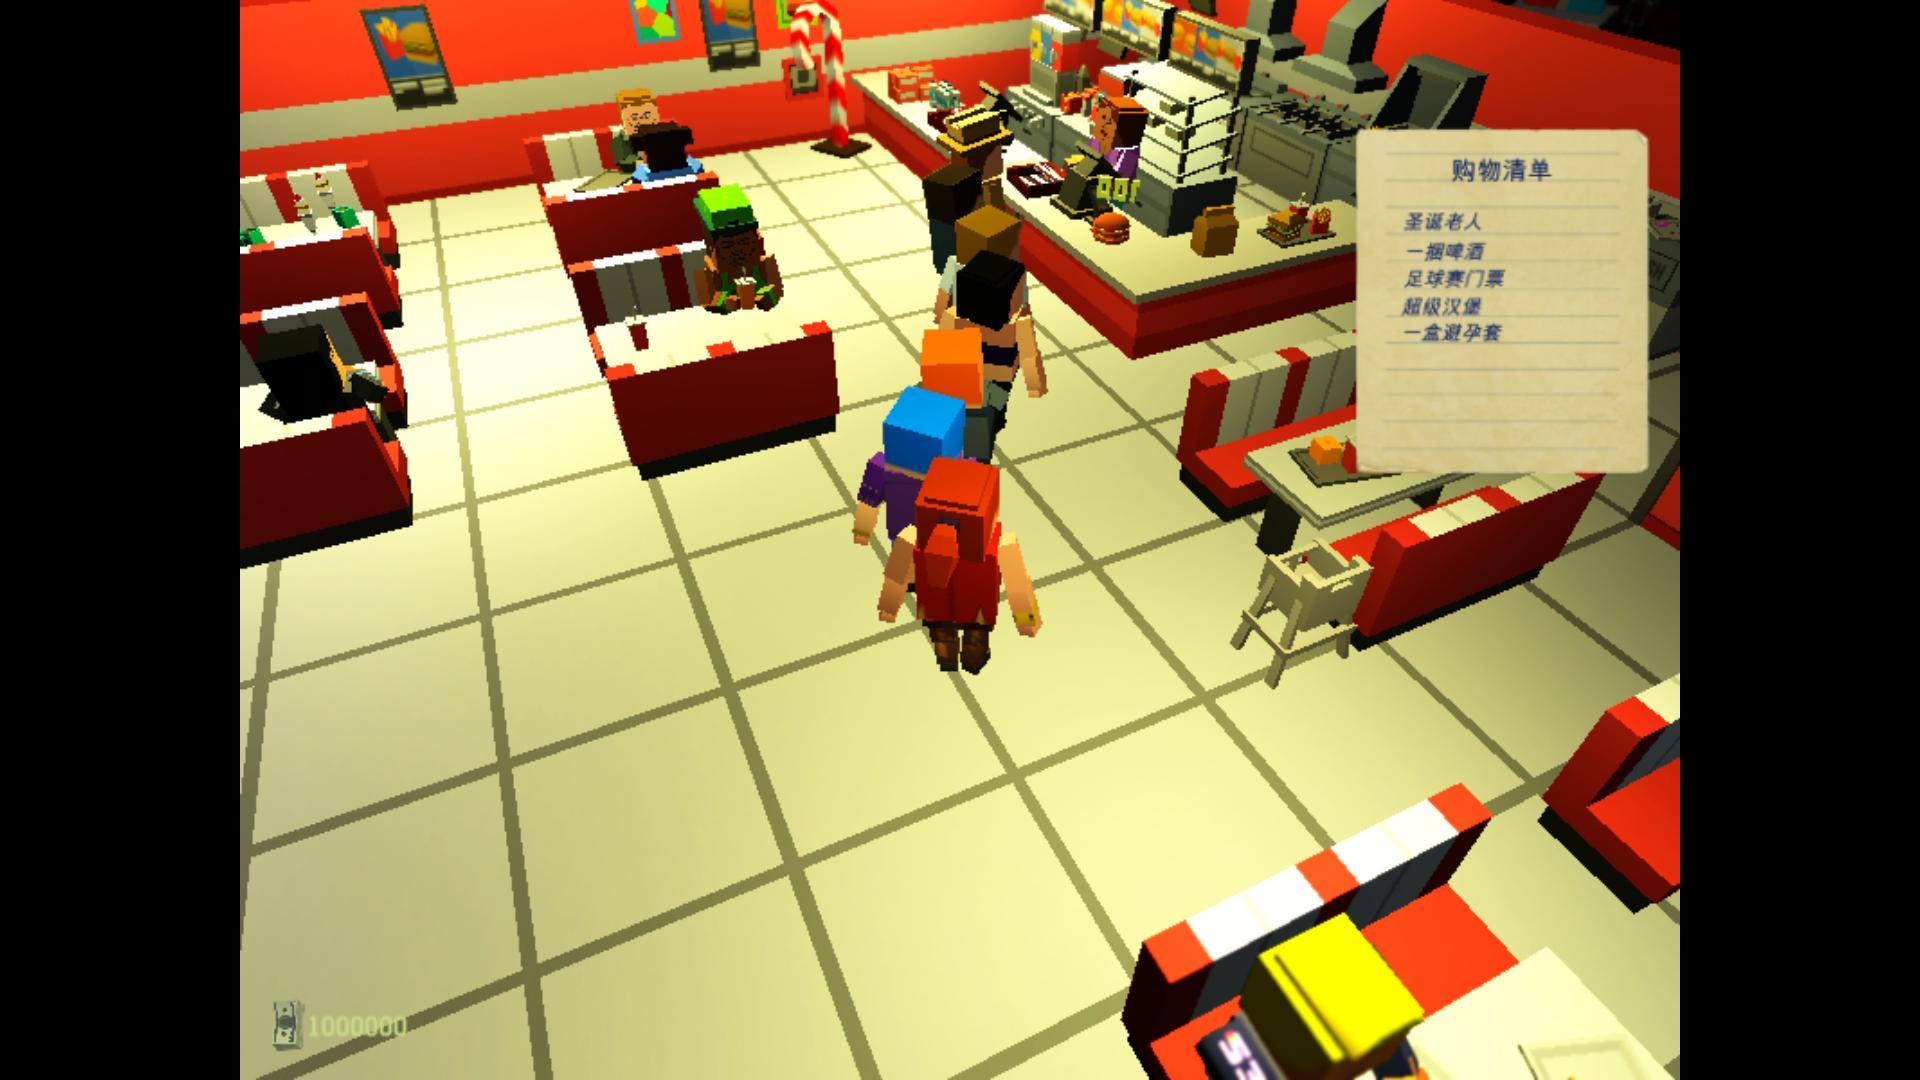 疯狂血拼模拟器-模拟经营